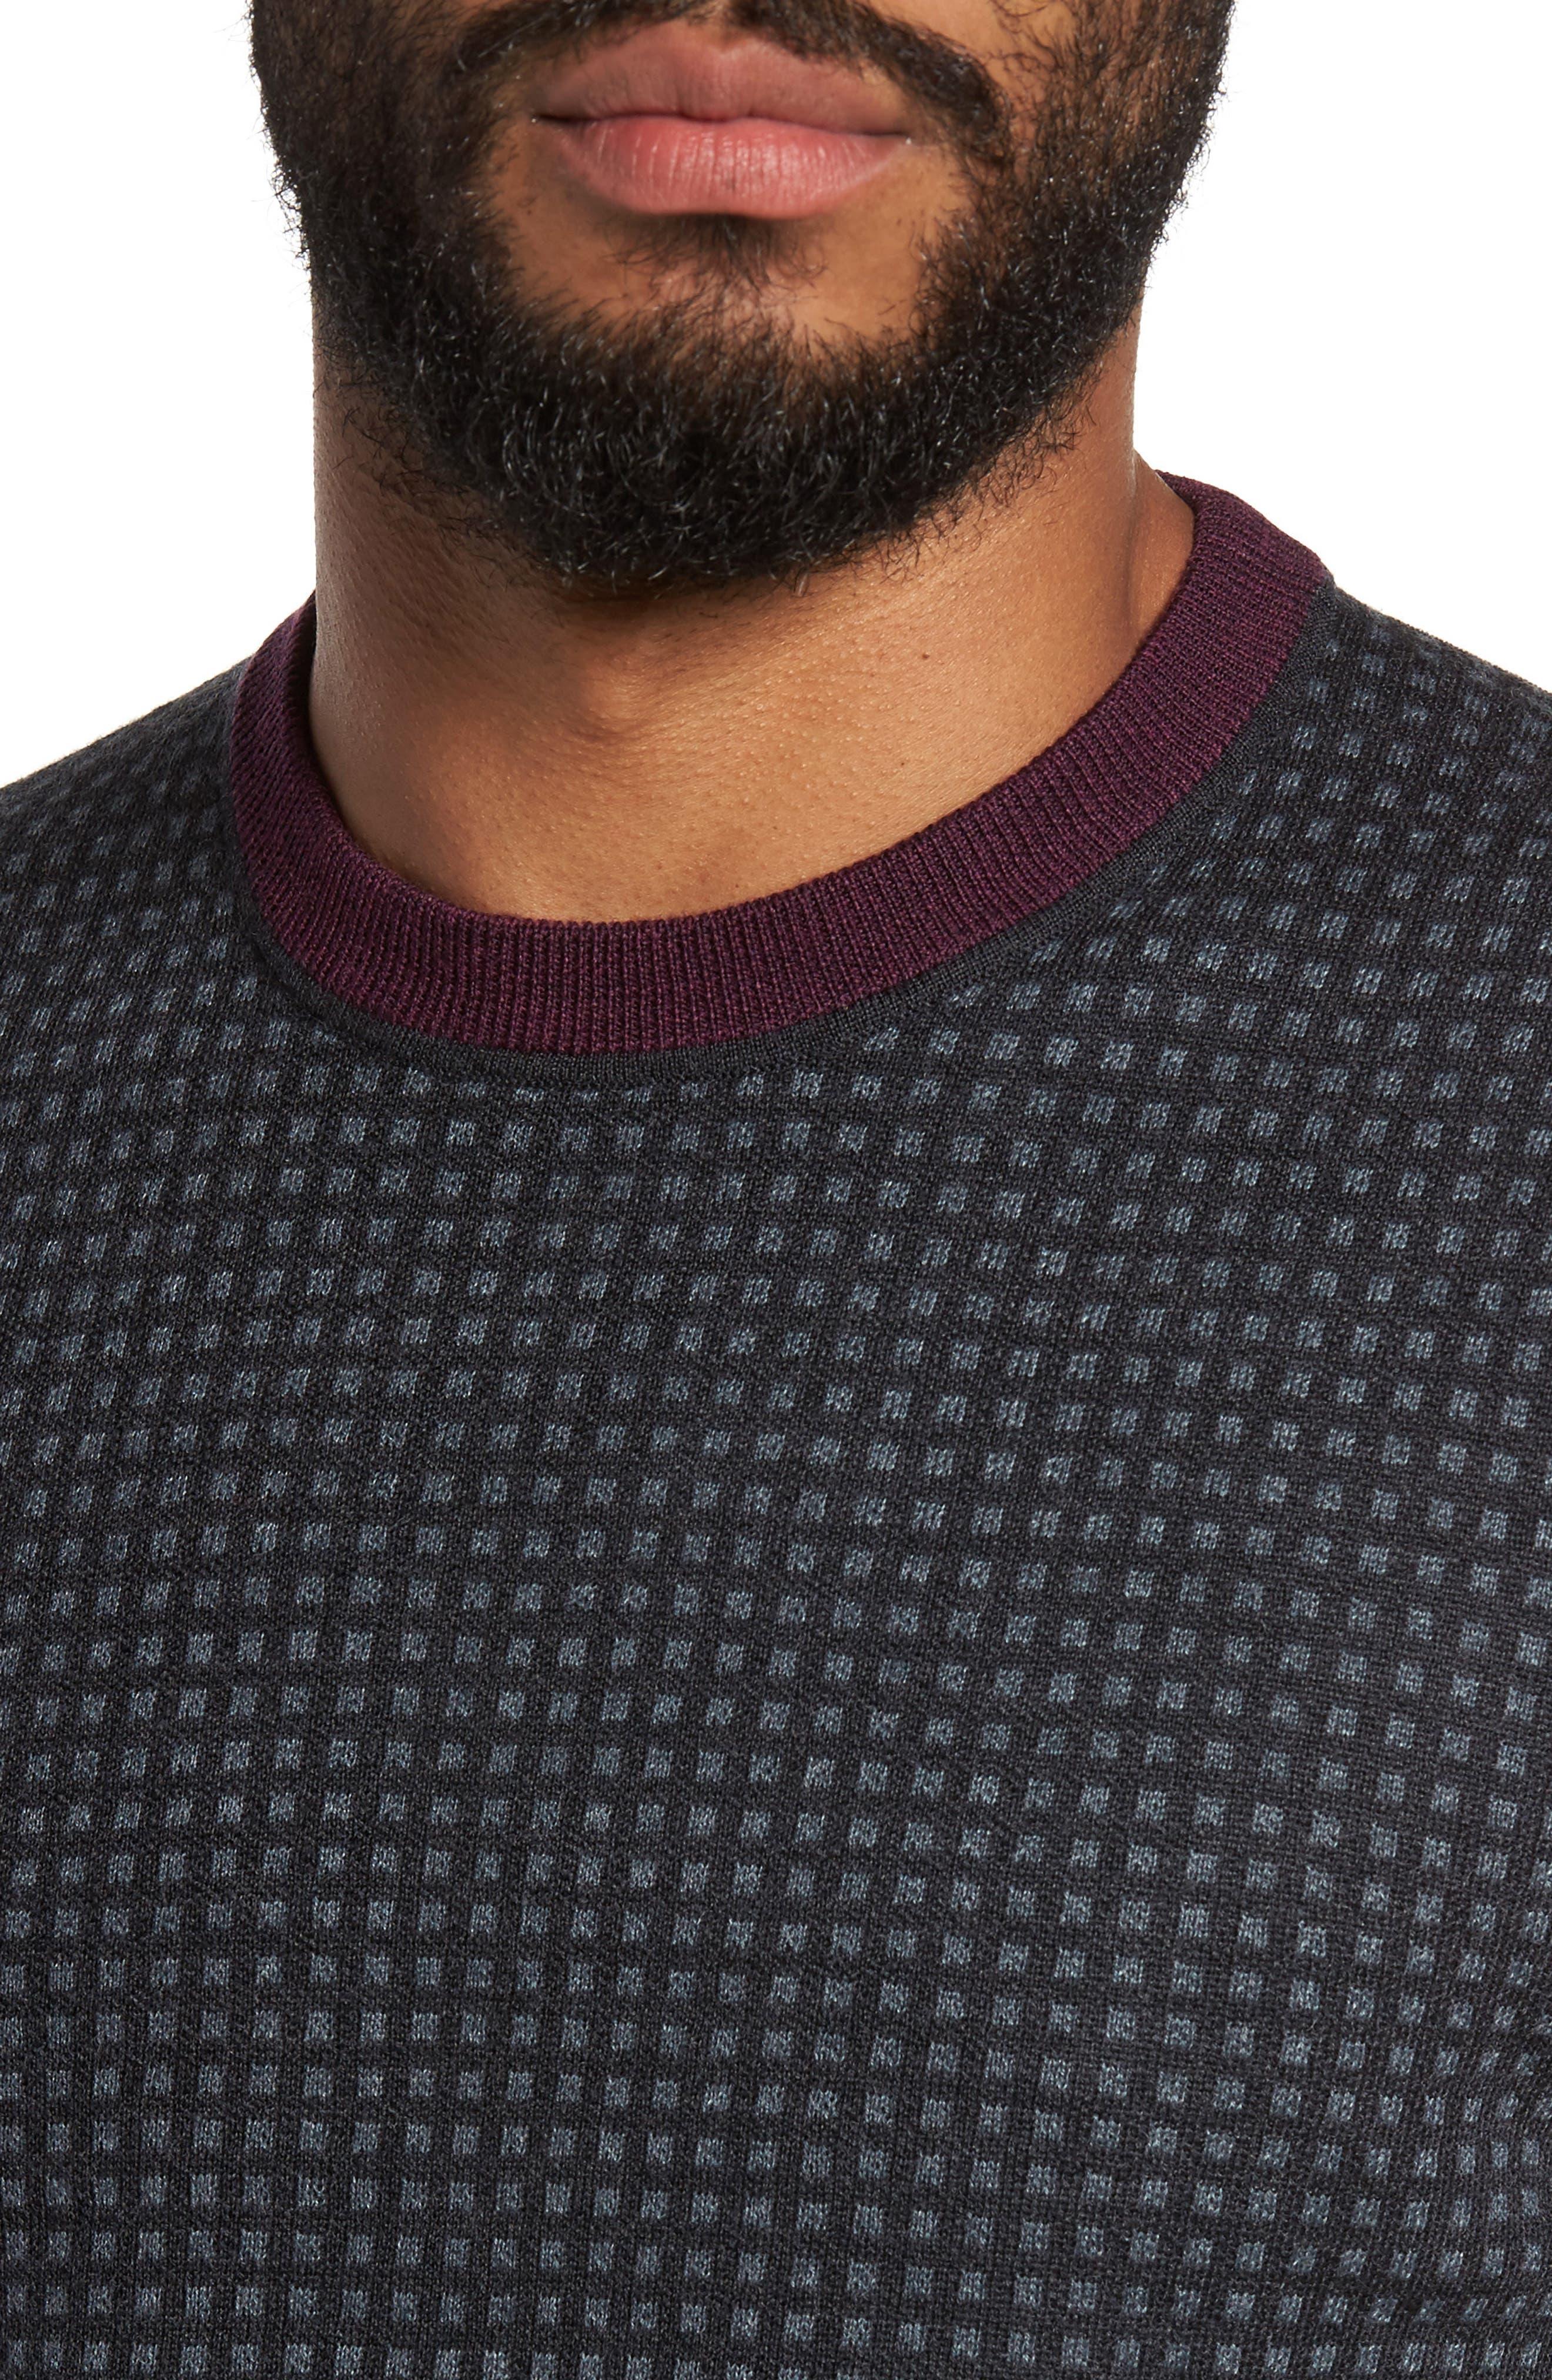 Parvine Crewneck Sweater,                             Alternate thumbnail 4, color,                             031